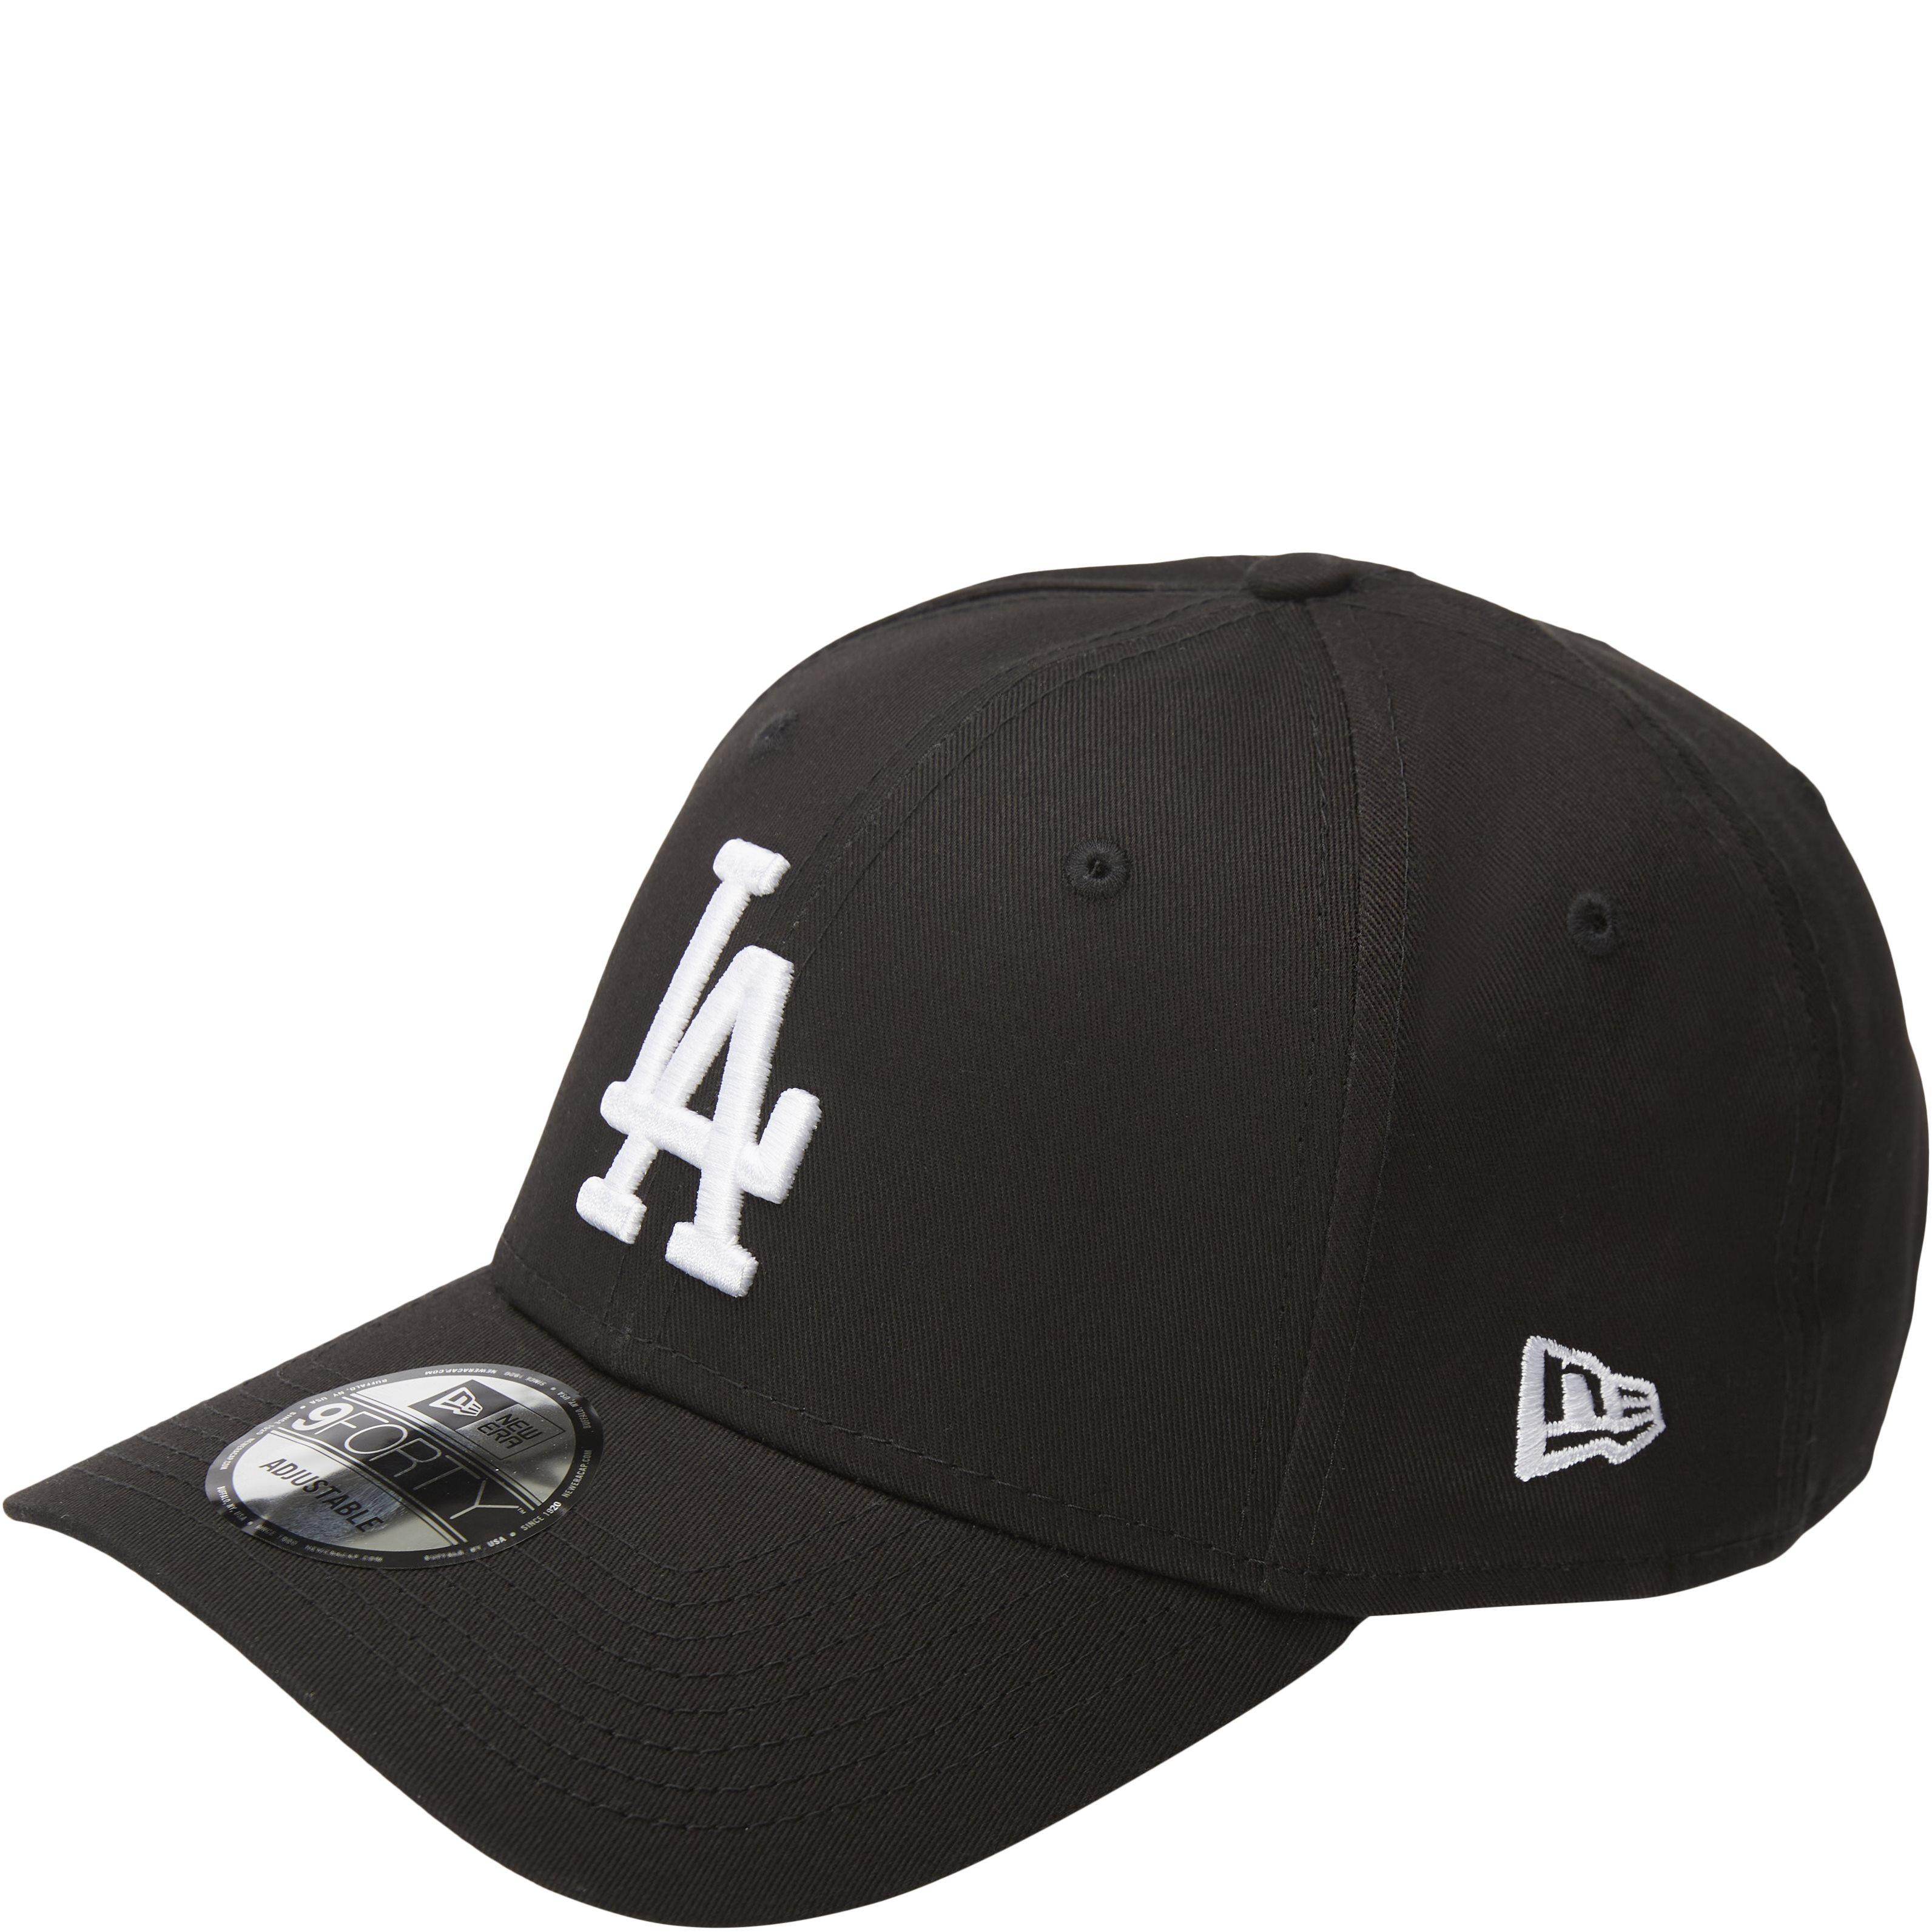 Caps - Black